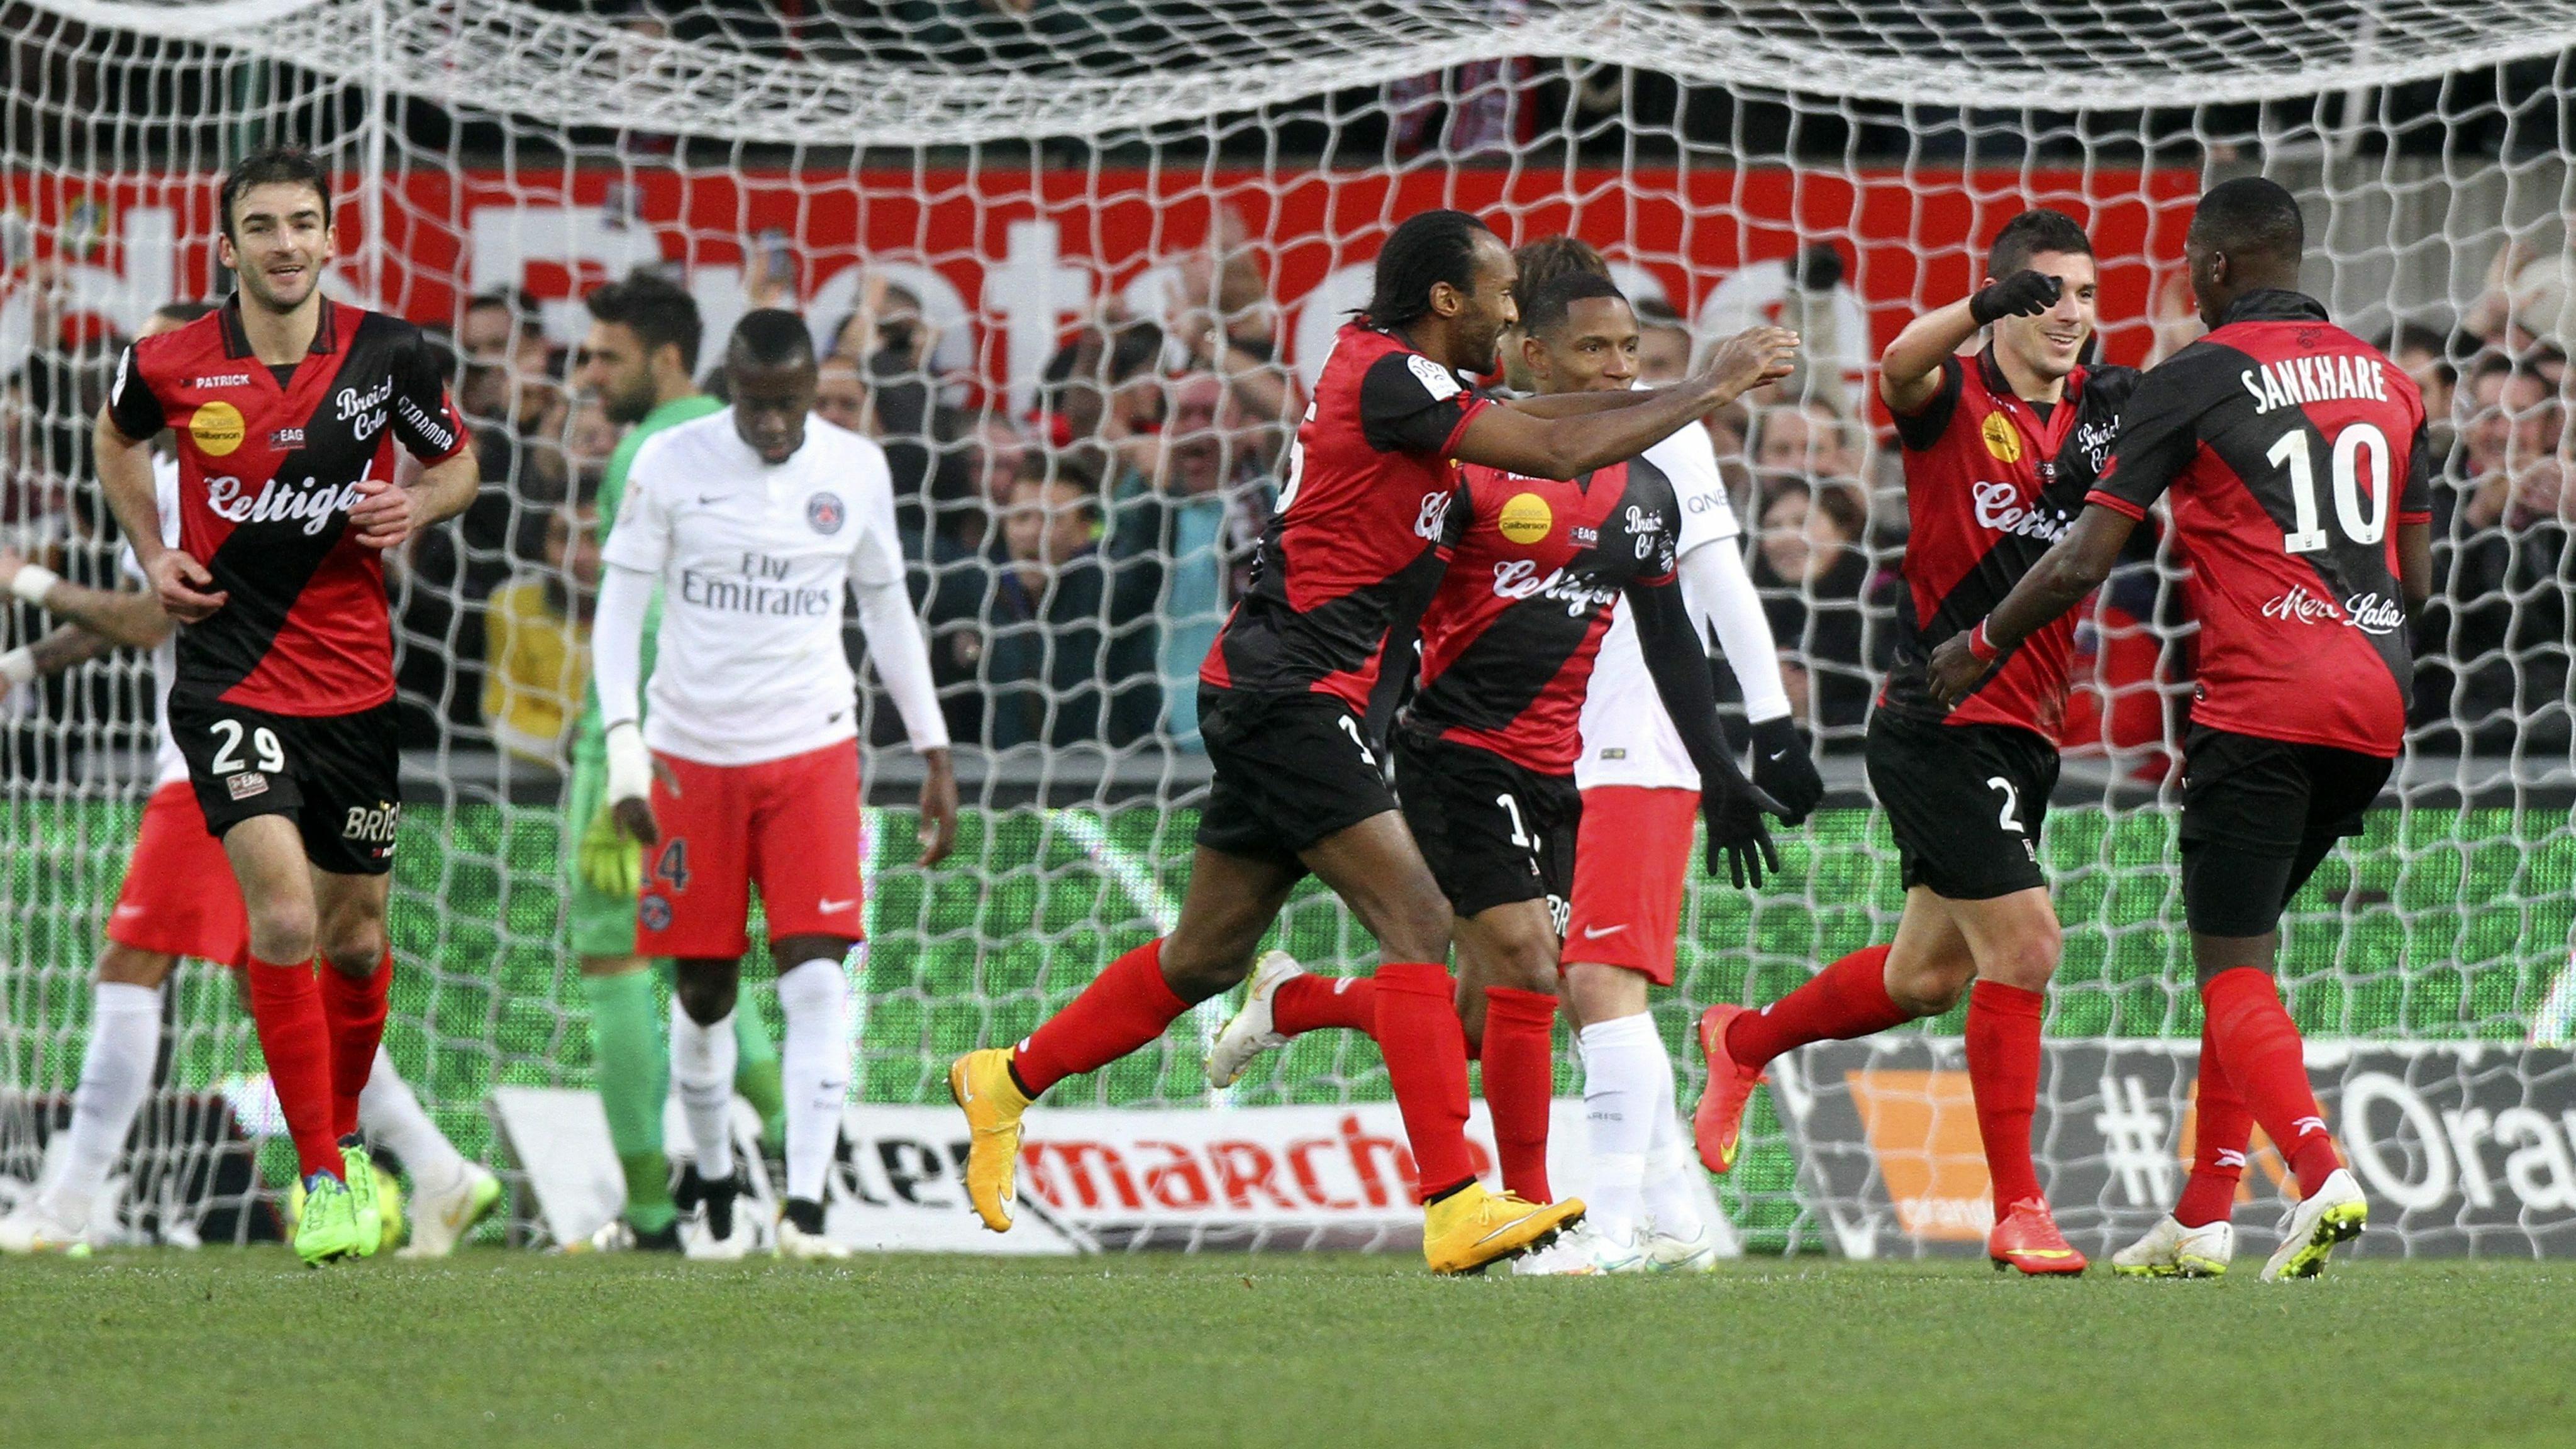 ce98162c8 Francja: pierwsza porażka Paris Saint-Germain w sezonie - Piłka nożna